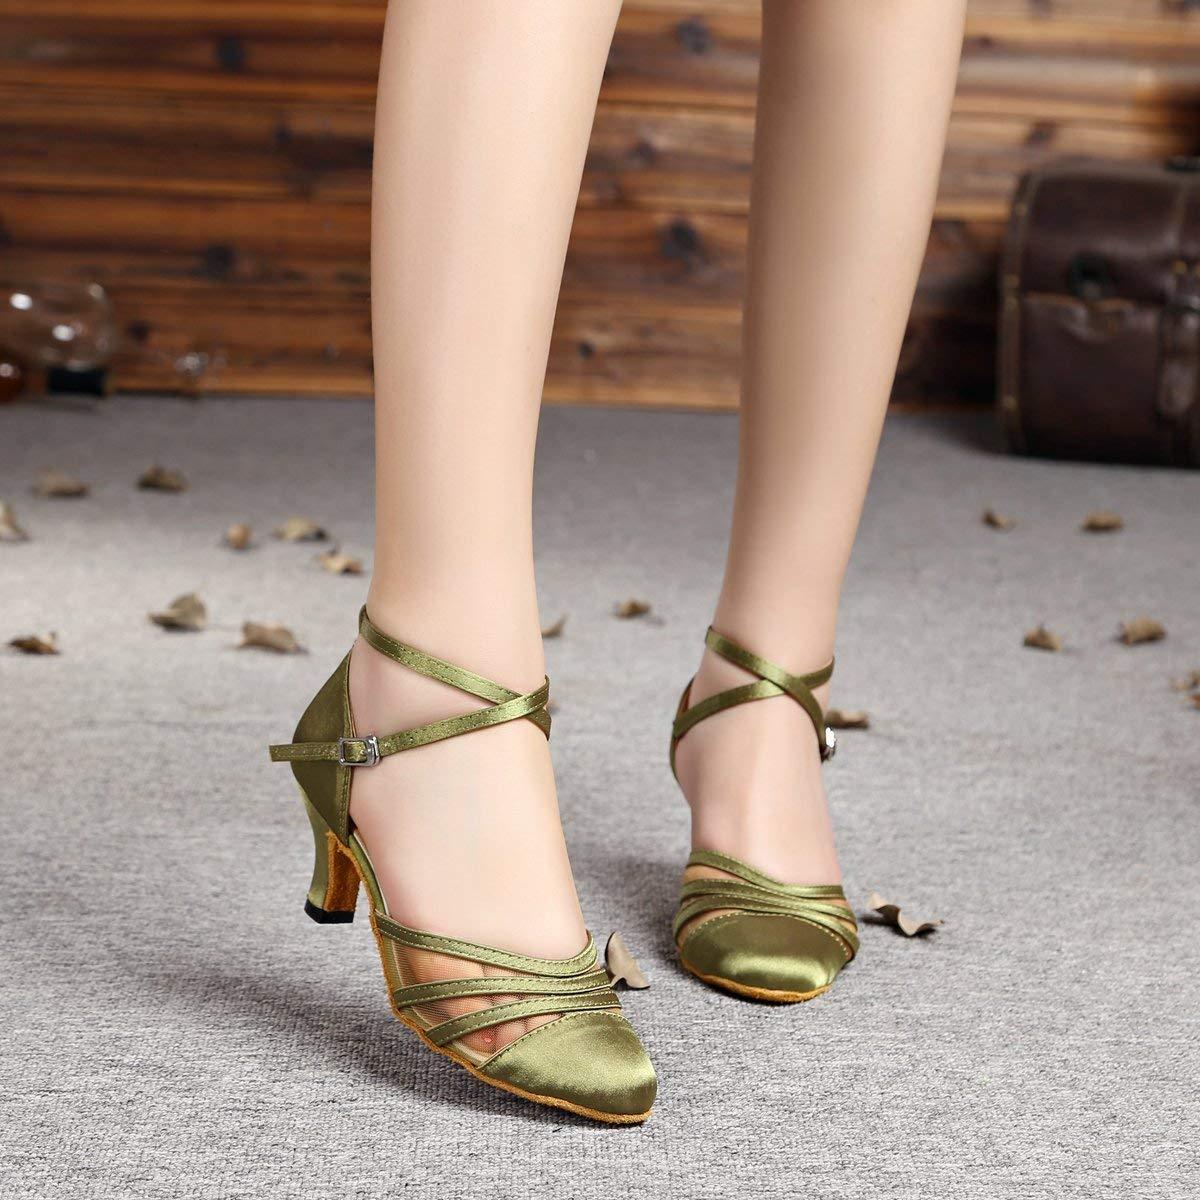 Willsego L189 Damen Mesh Grün Satin Dance Latin Salsa Ballroom Dance Satin Schuhe 6 5 UK (Farbe   - Größe   -) 28b410